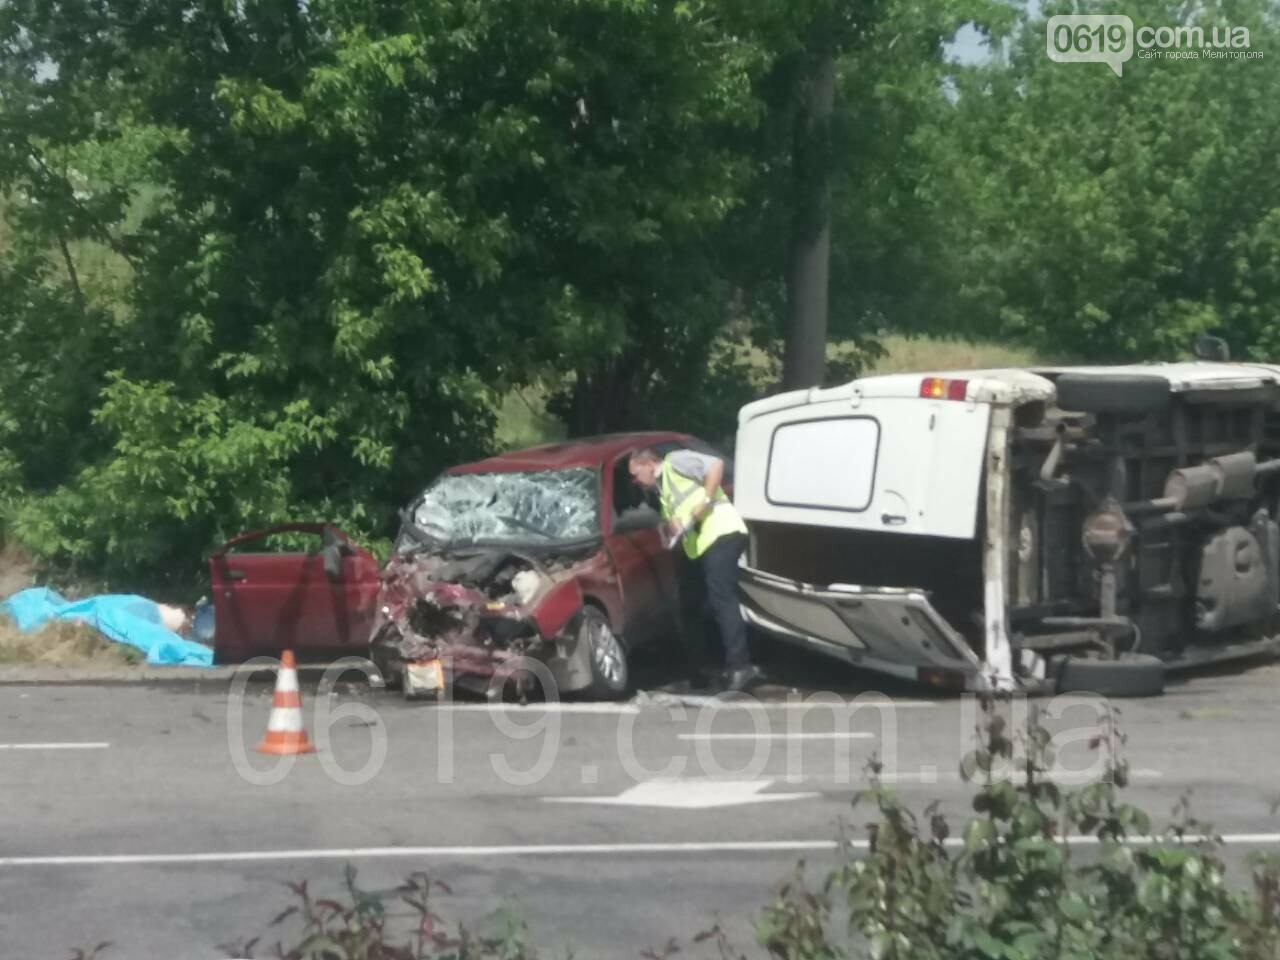 Появились первые подробности ДТП в Мелитополе: есть погибший и пострадавший, фото-2